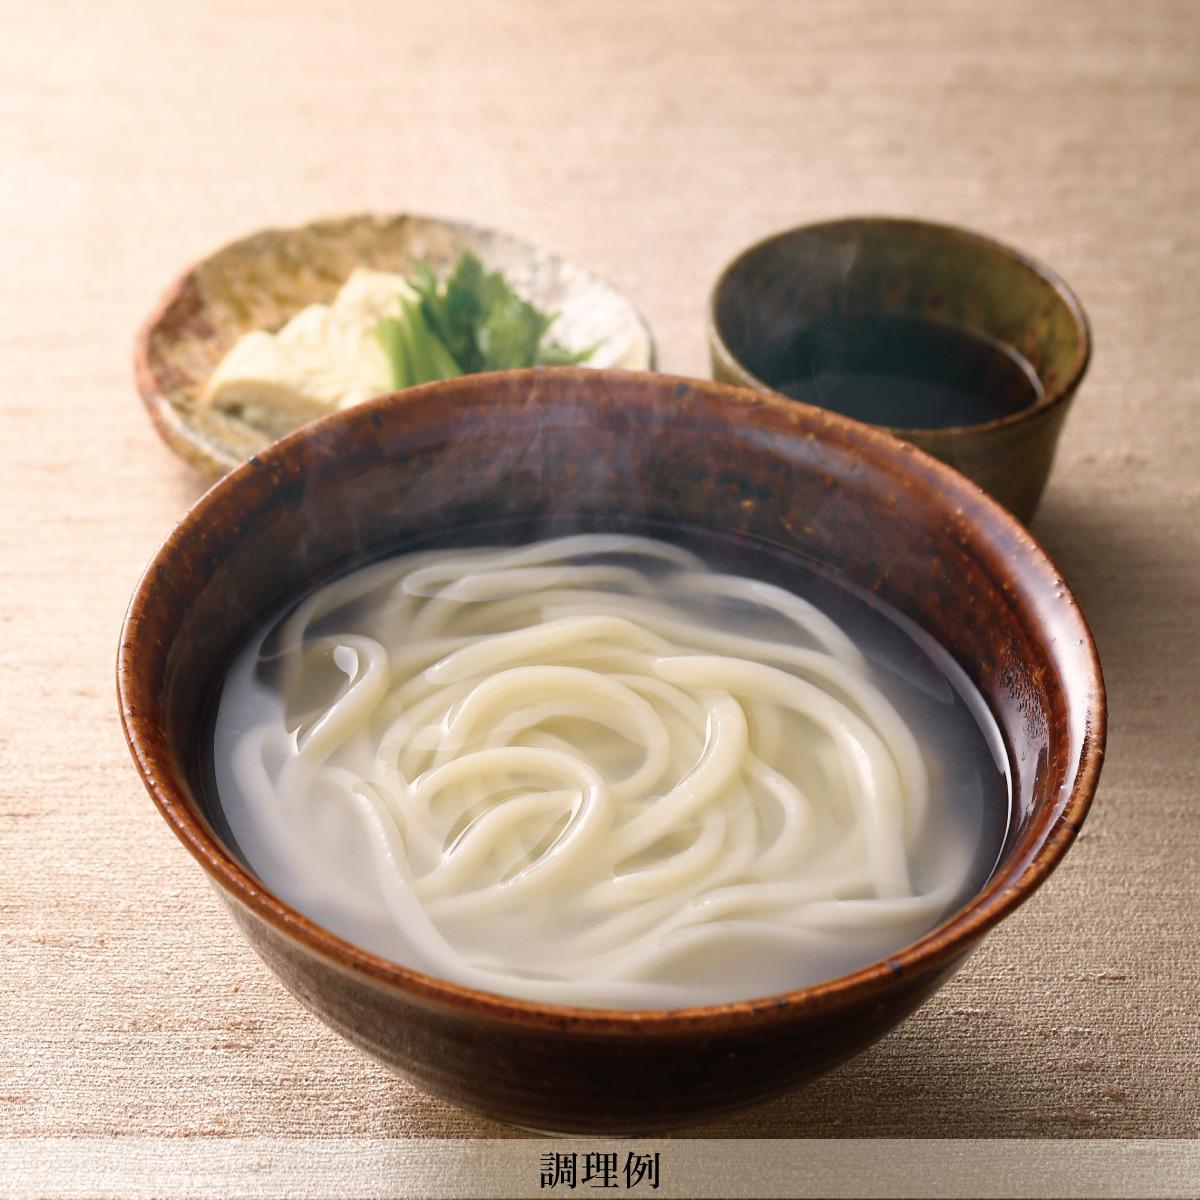 半生讃岐うどん(つゆ付)(1袋)